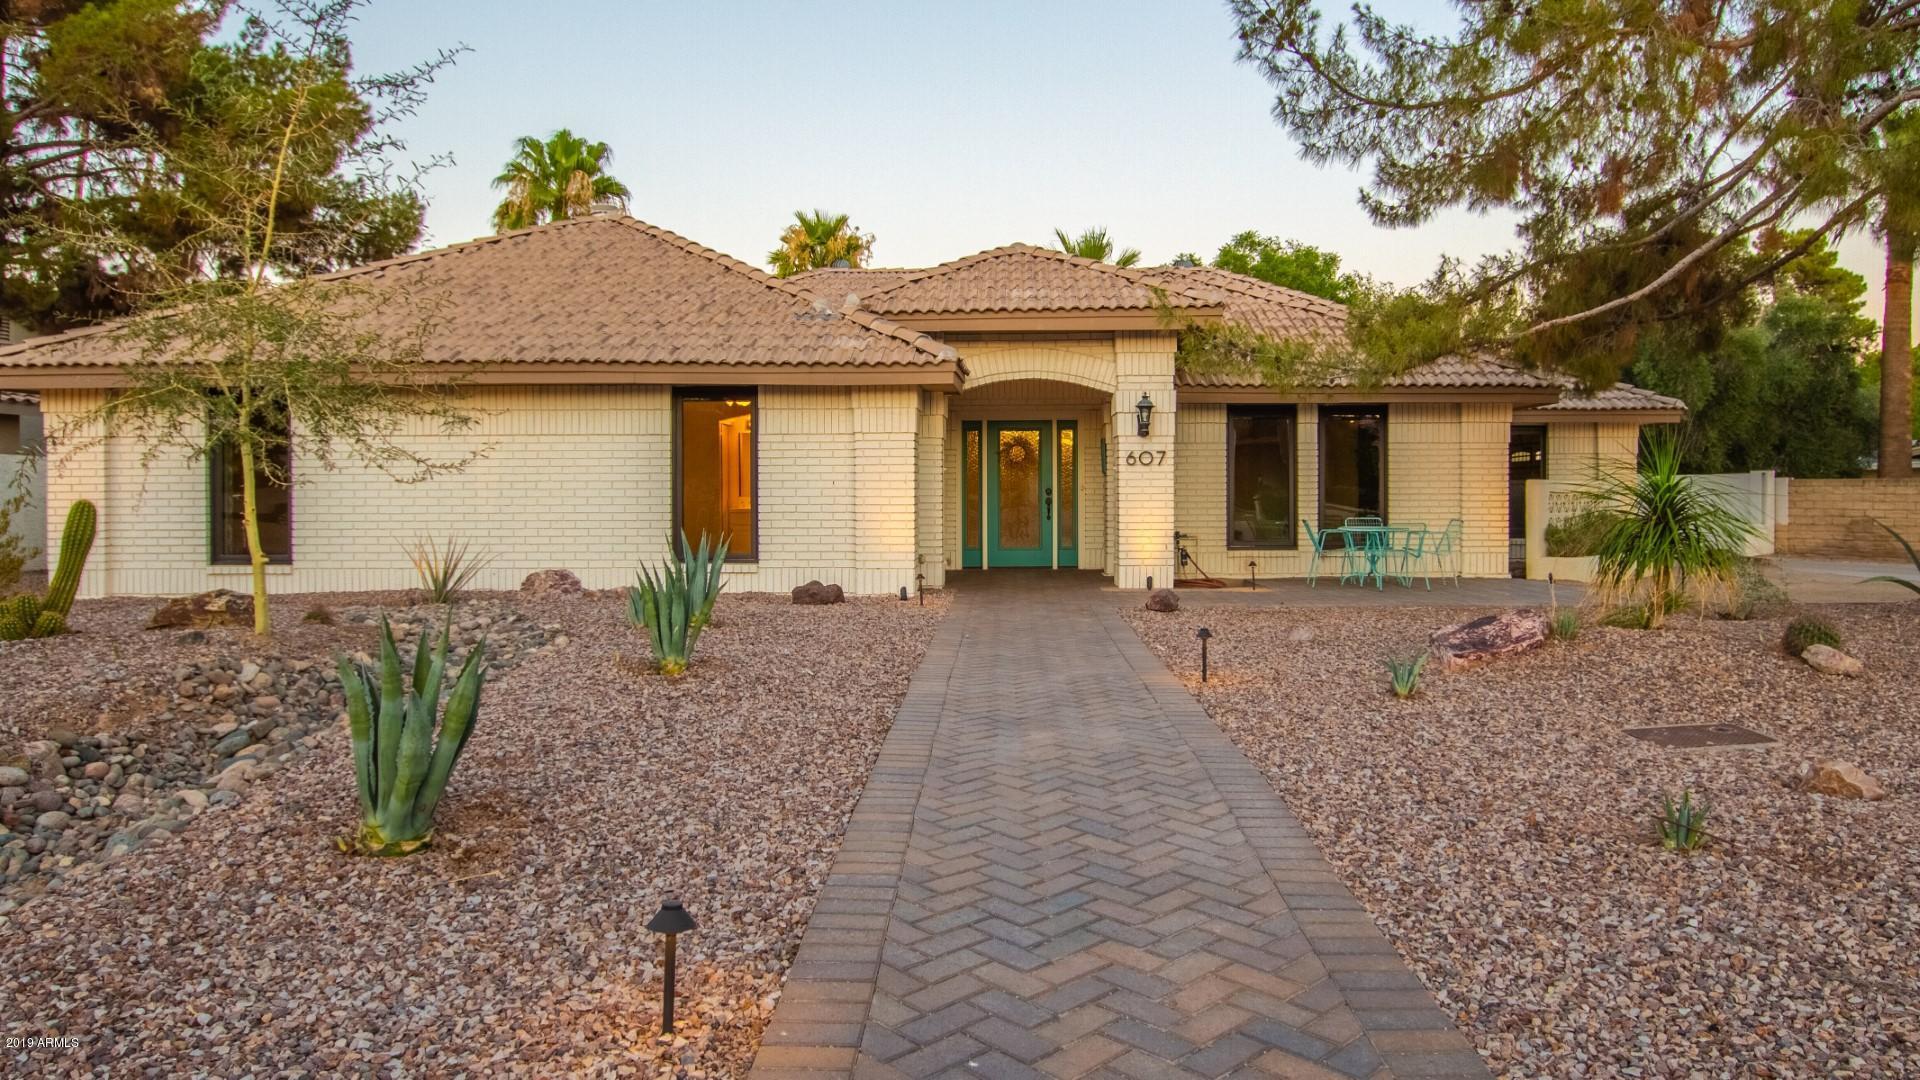 Photo of 607 N LA LOMA Avenue, Litchfield Park, AZ 85340